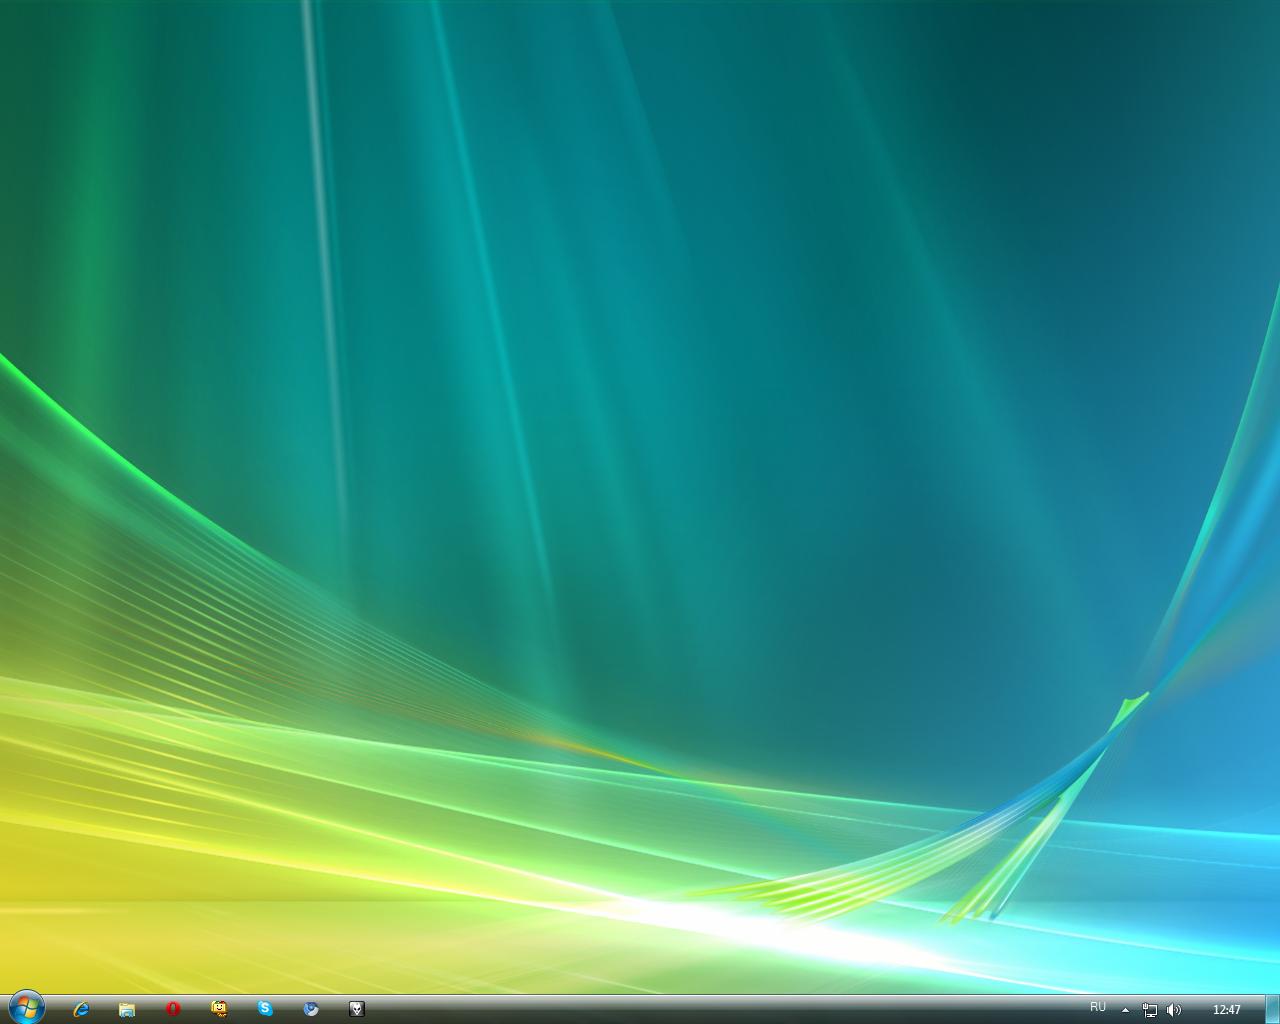 Aero 6519 theme for Windows 7